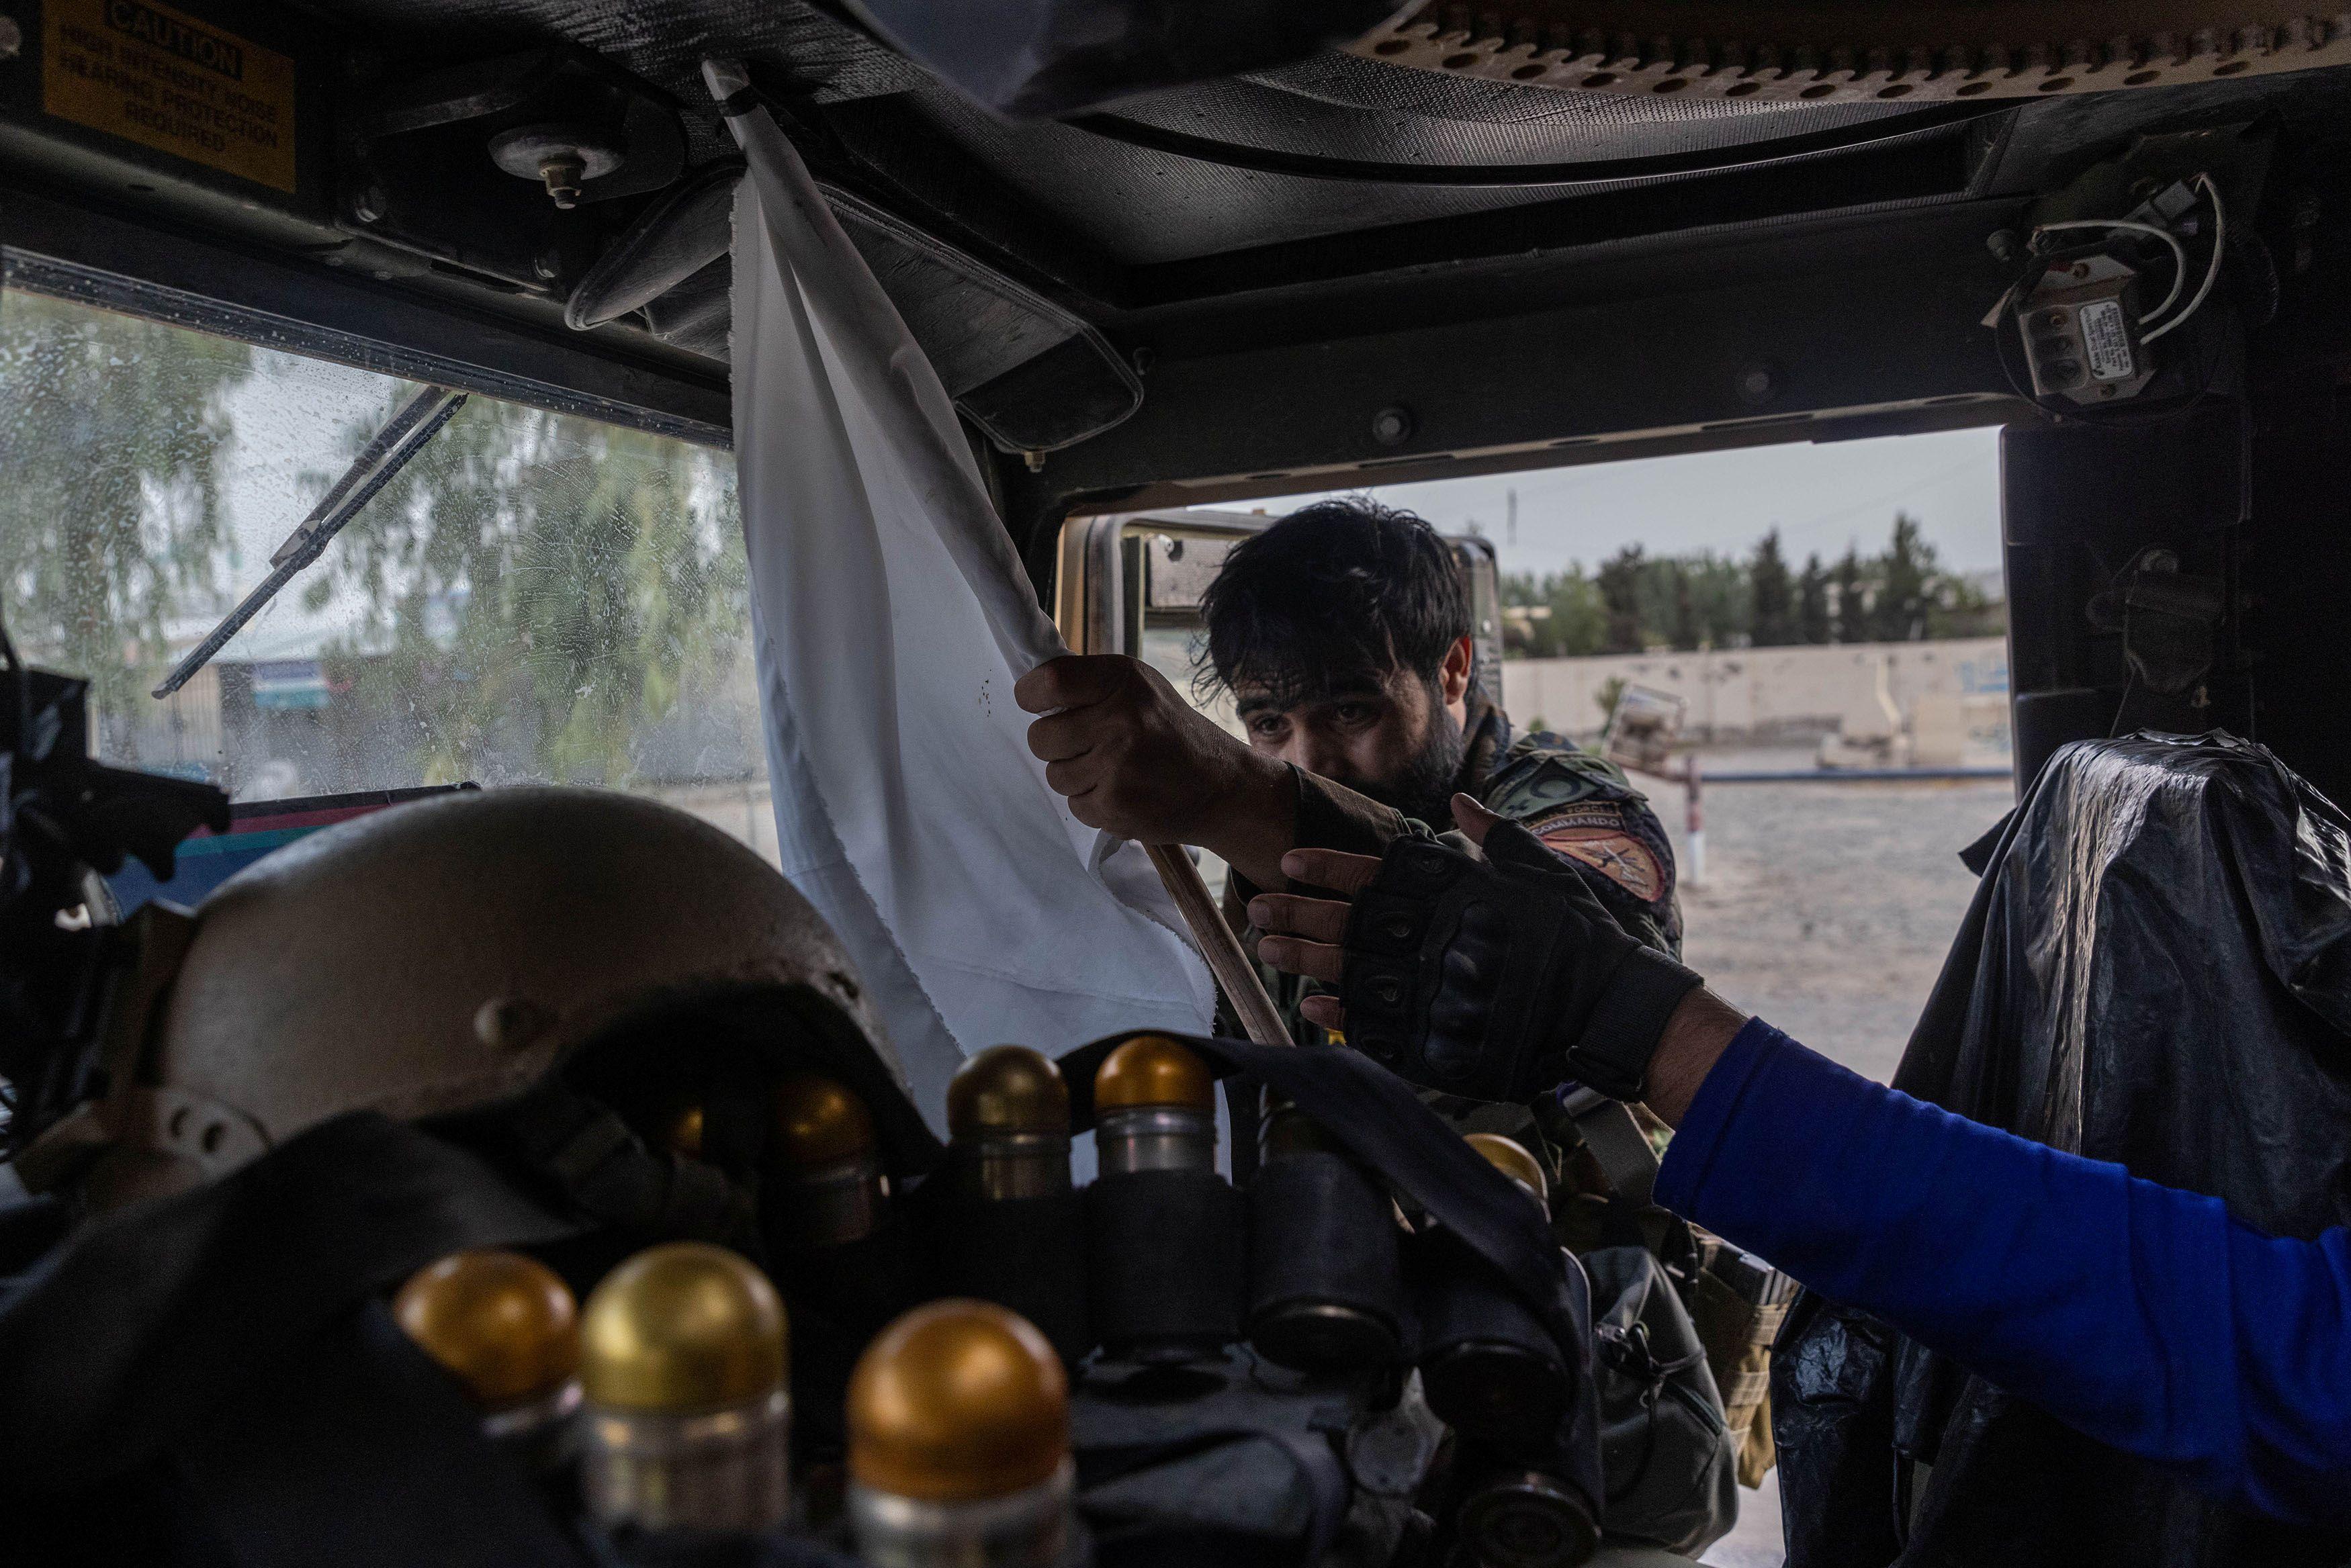 Un miembro de las fuerzas especiales afganas confisca una bandera talibán montada en un árbol durante la misión de rescate de un oficial de policía asediado en un puesto de control rodeado por los talibanes, en la provincia de Kandahar, Afganistán, 13 de julio de 2021.